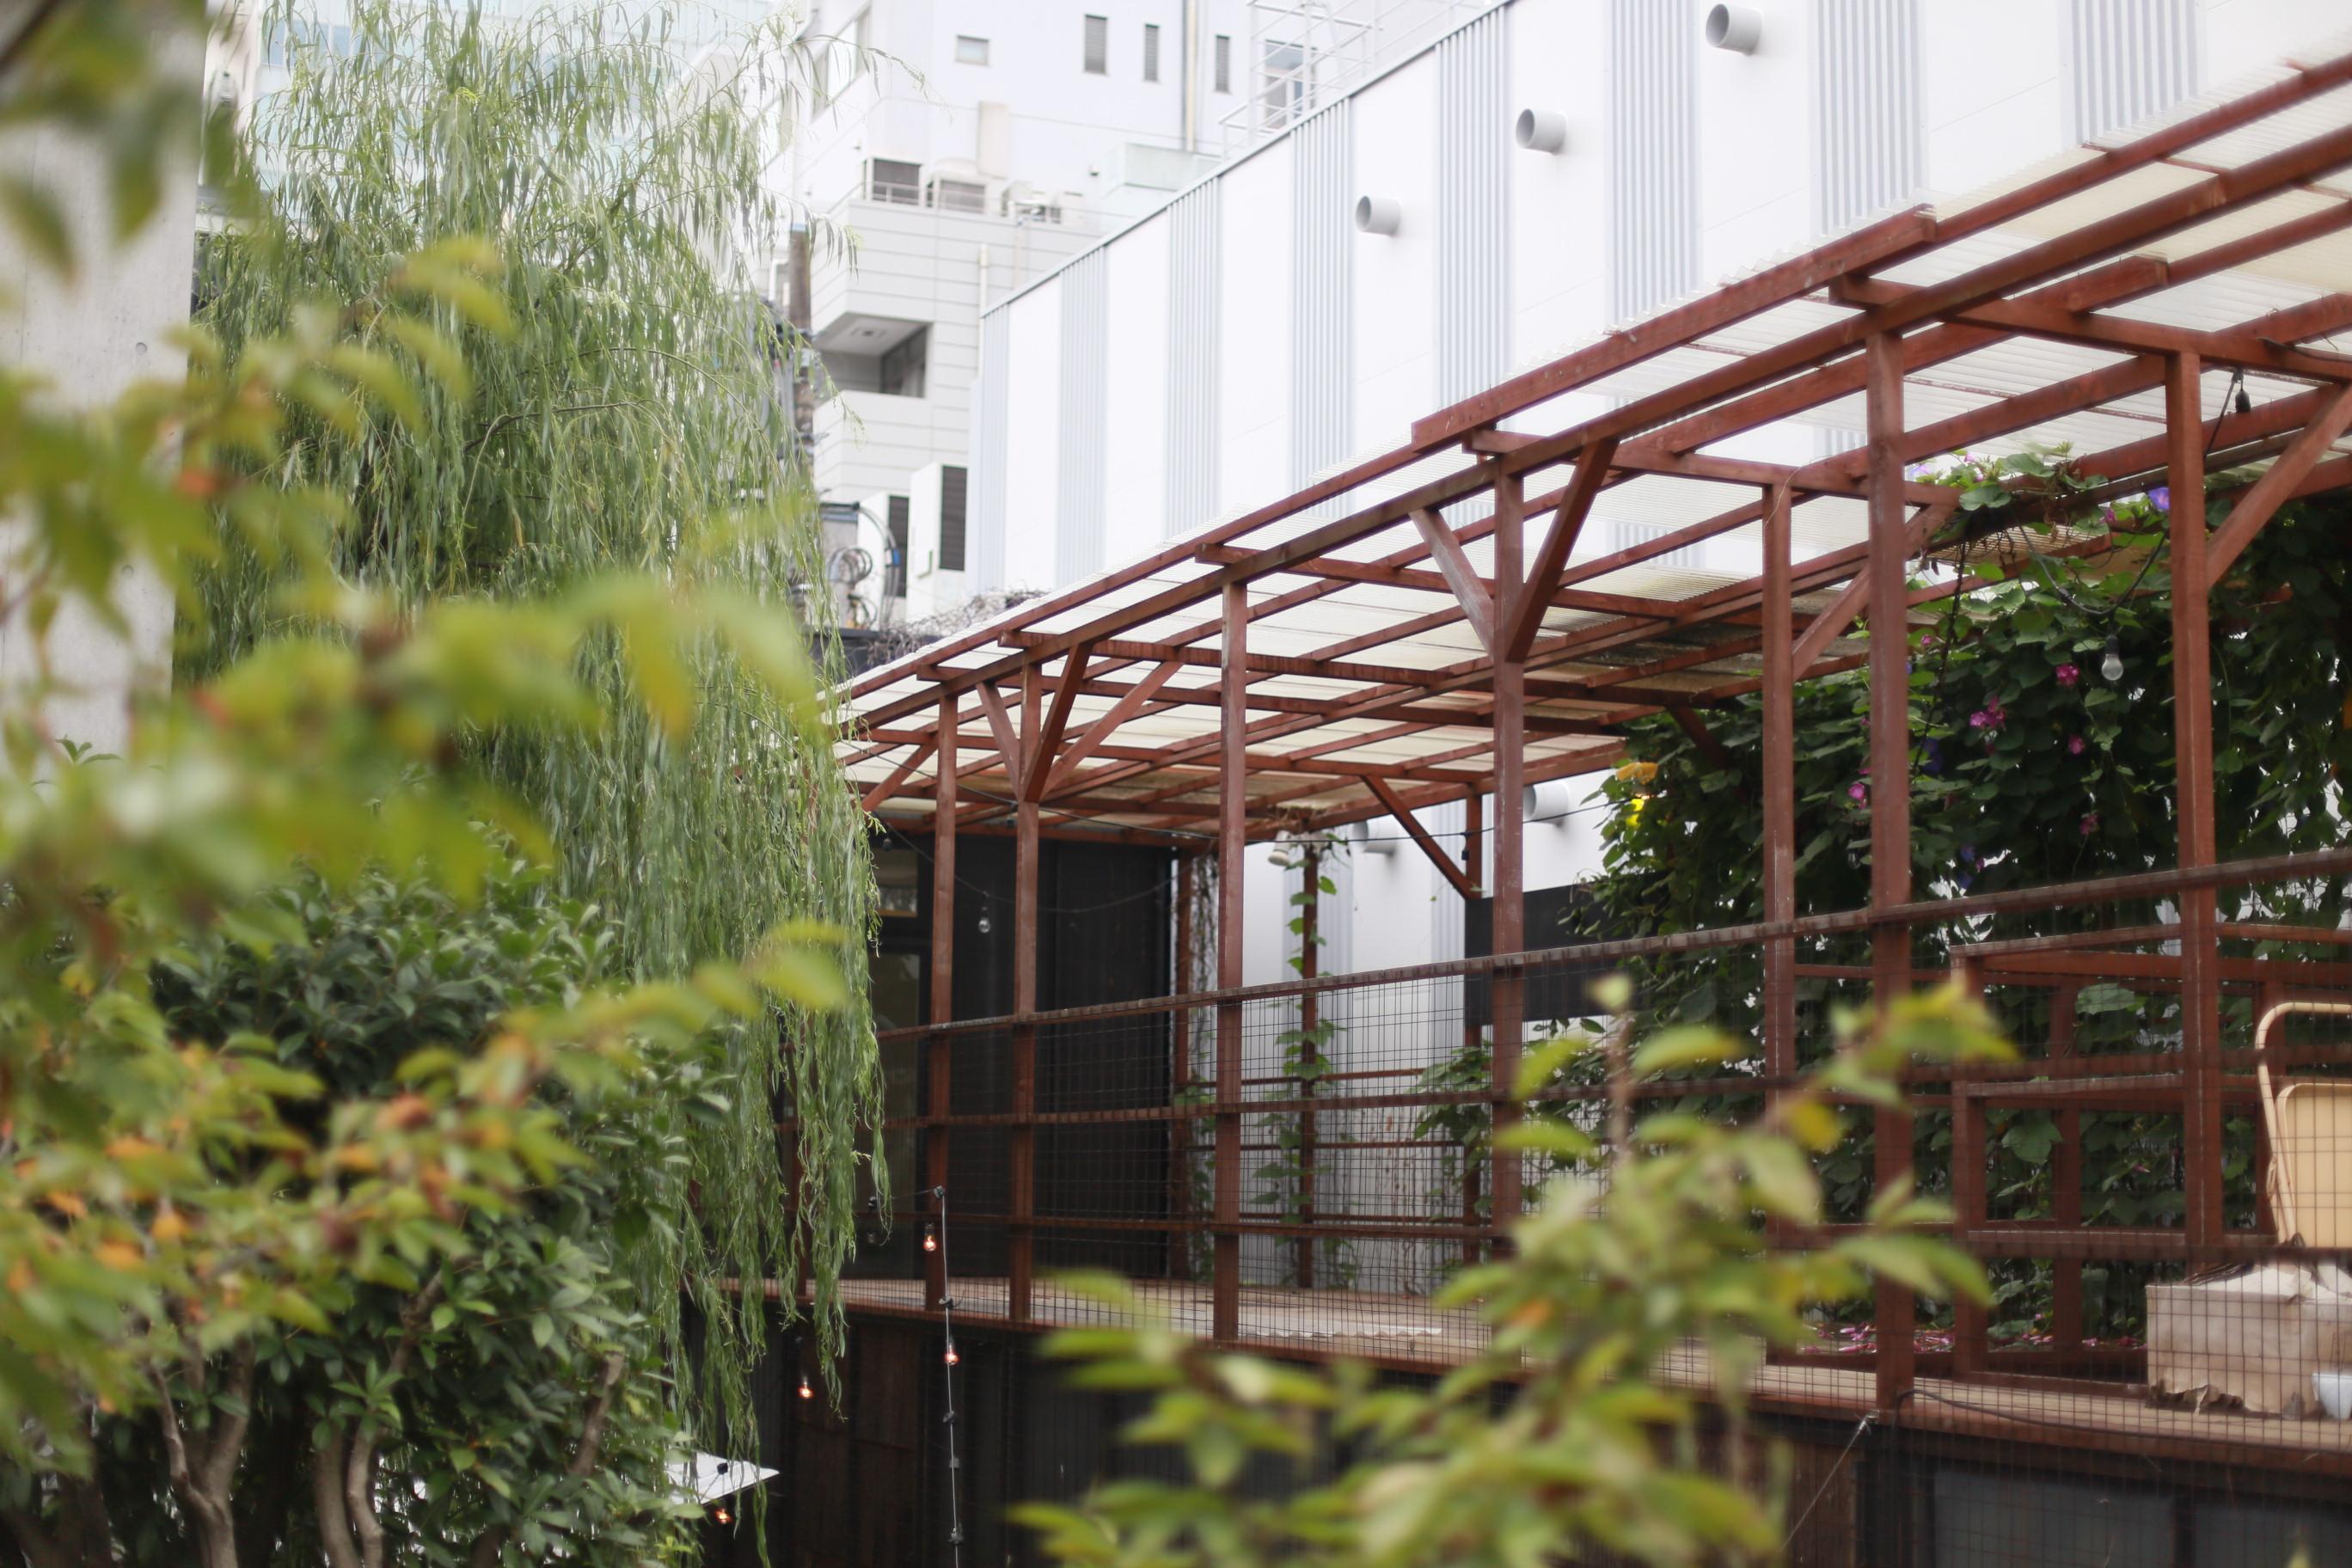 今回の講義で使用する自由大学の屋上テラス。ここに自由に菜園をつくろう